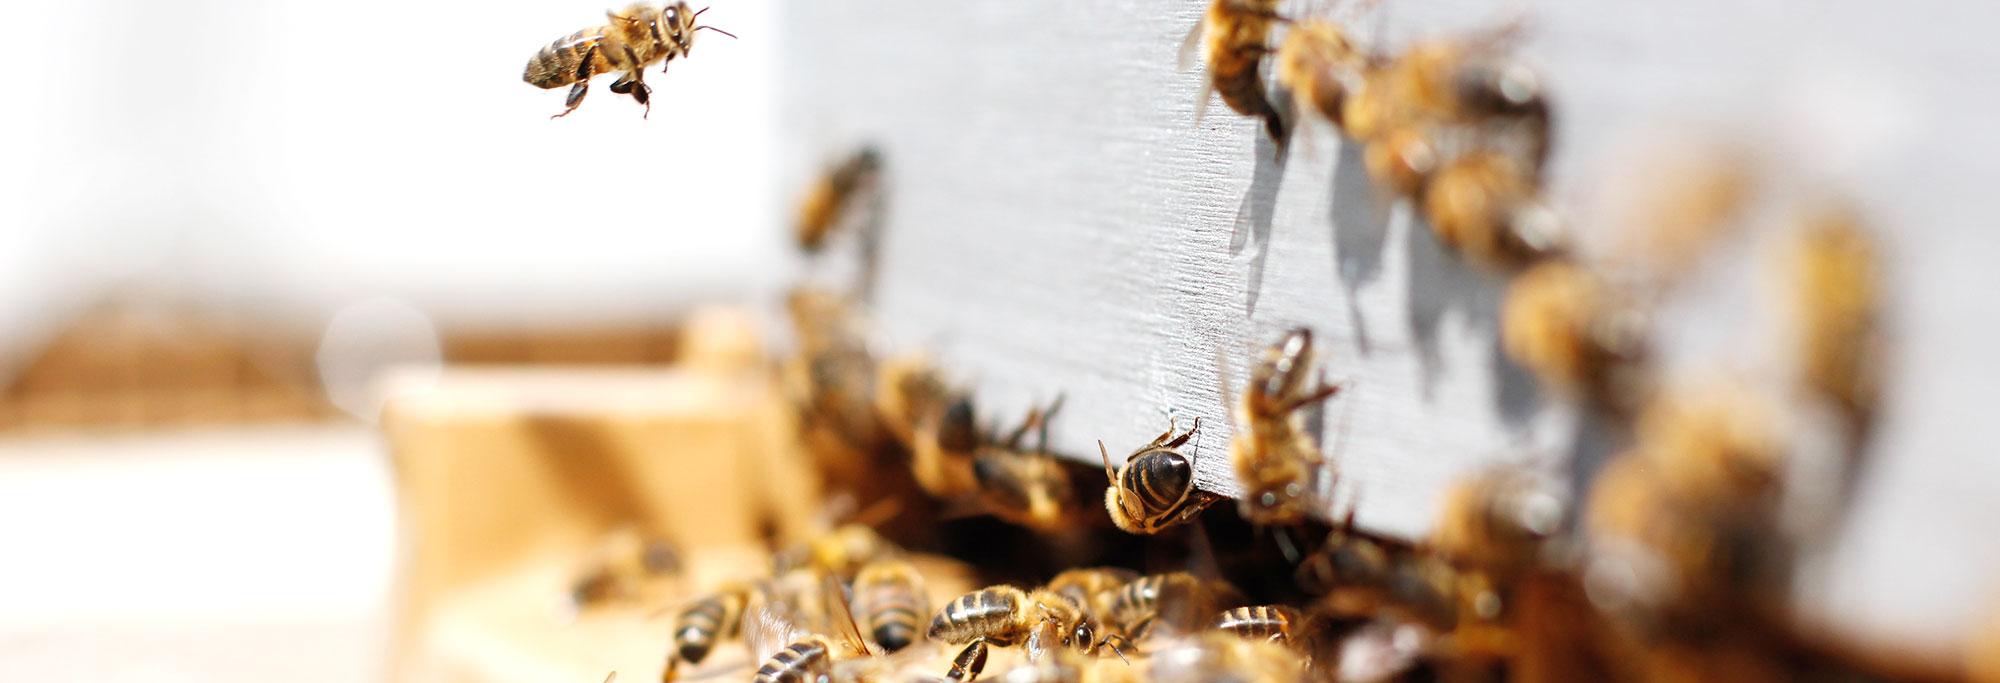 Photo-Row-Hive